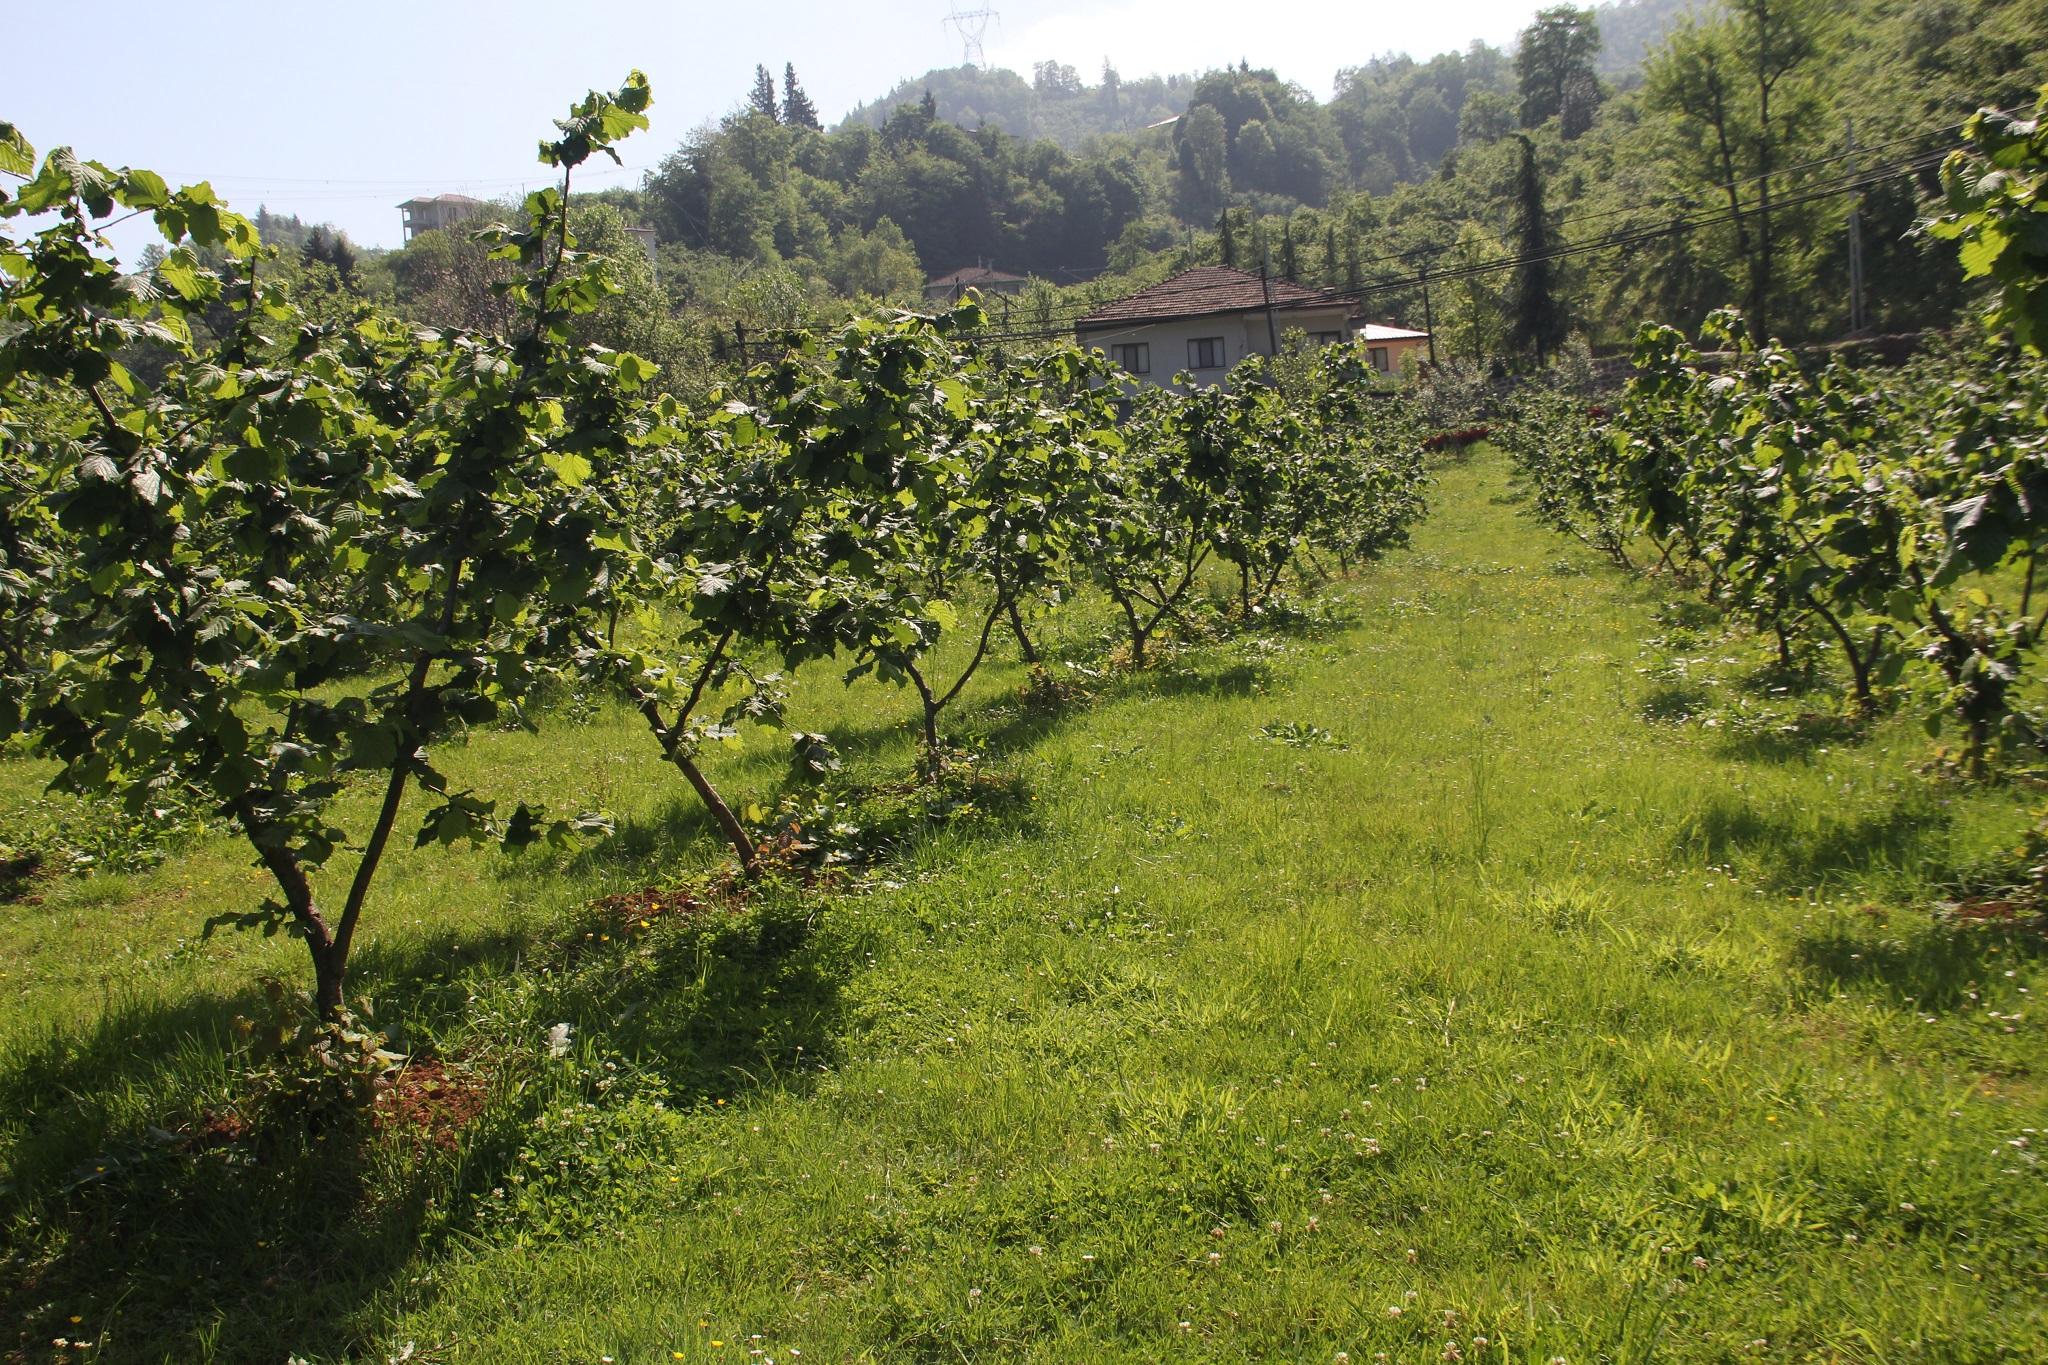 Fındık bahçelerinin yenilenmesine devlet desteği talebi